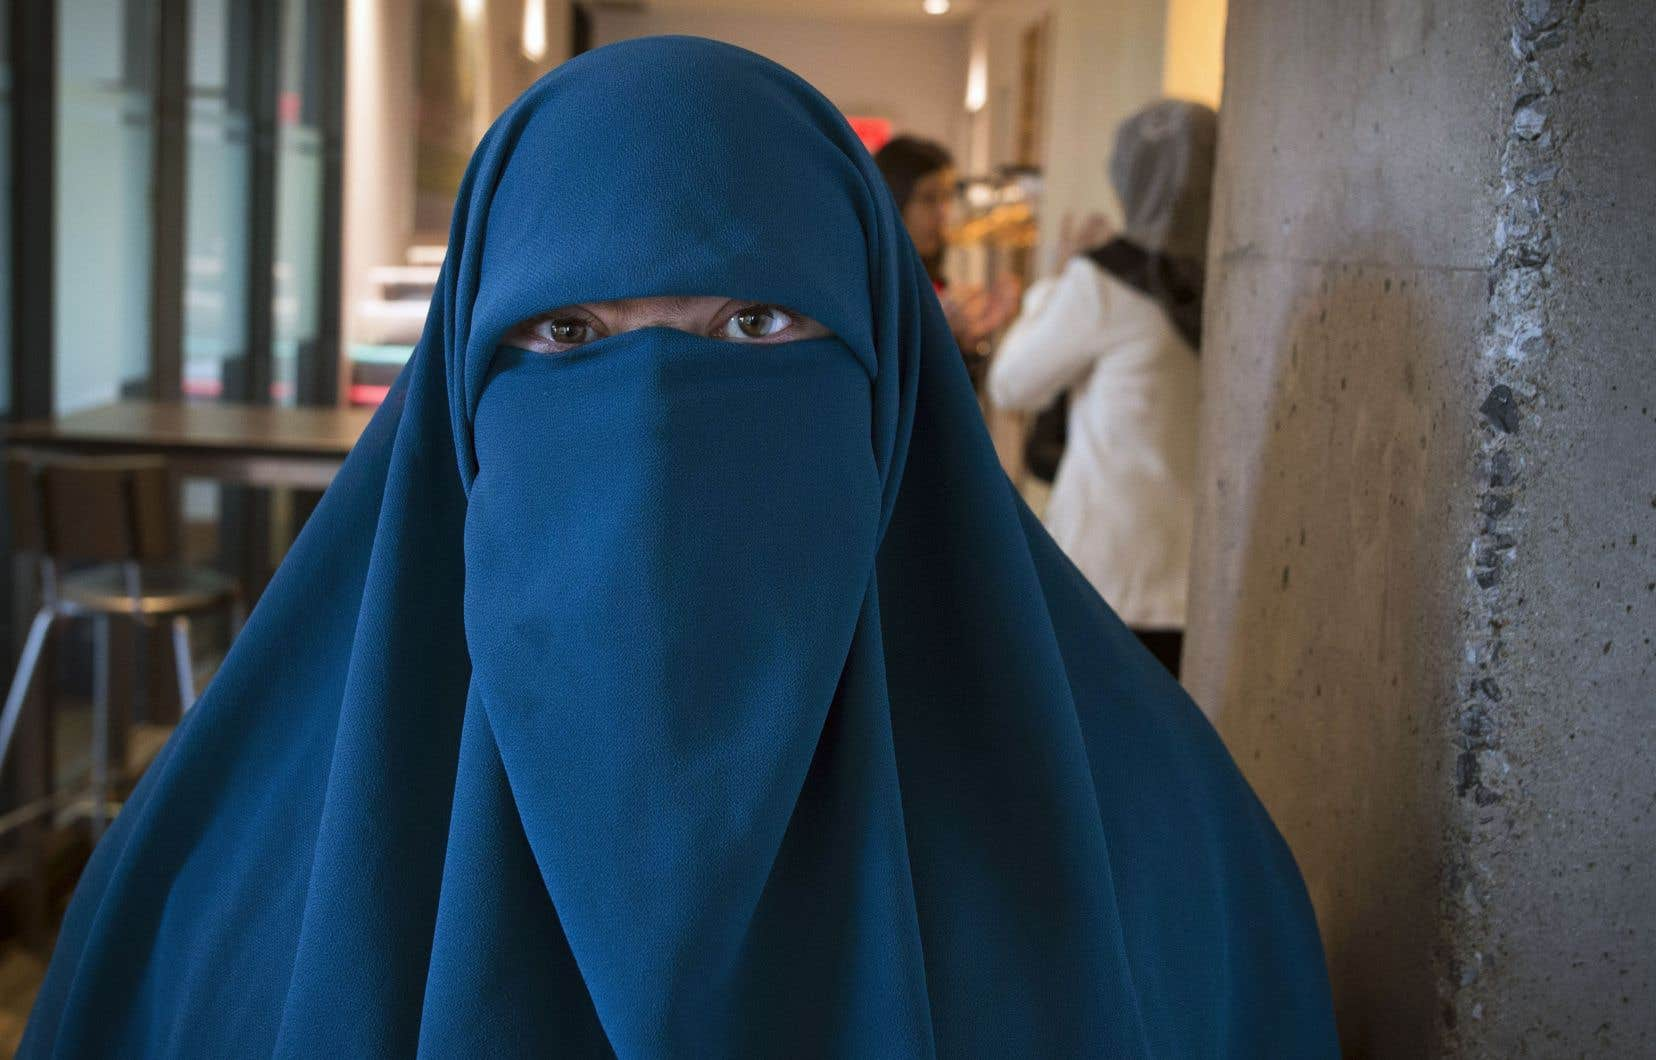 Warda Naili, qui désirait utiliser le transport le commun ou recevoir des services publics avec son niqab, sera vraisemblablement contrainte de présenter une demande d'accommodement religieux.